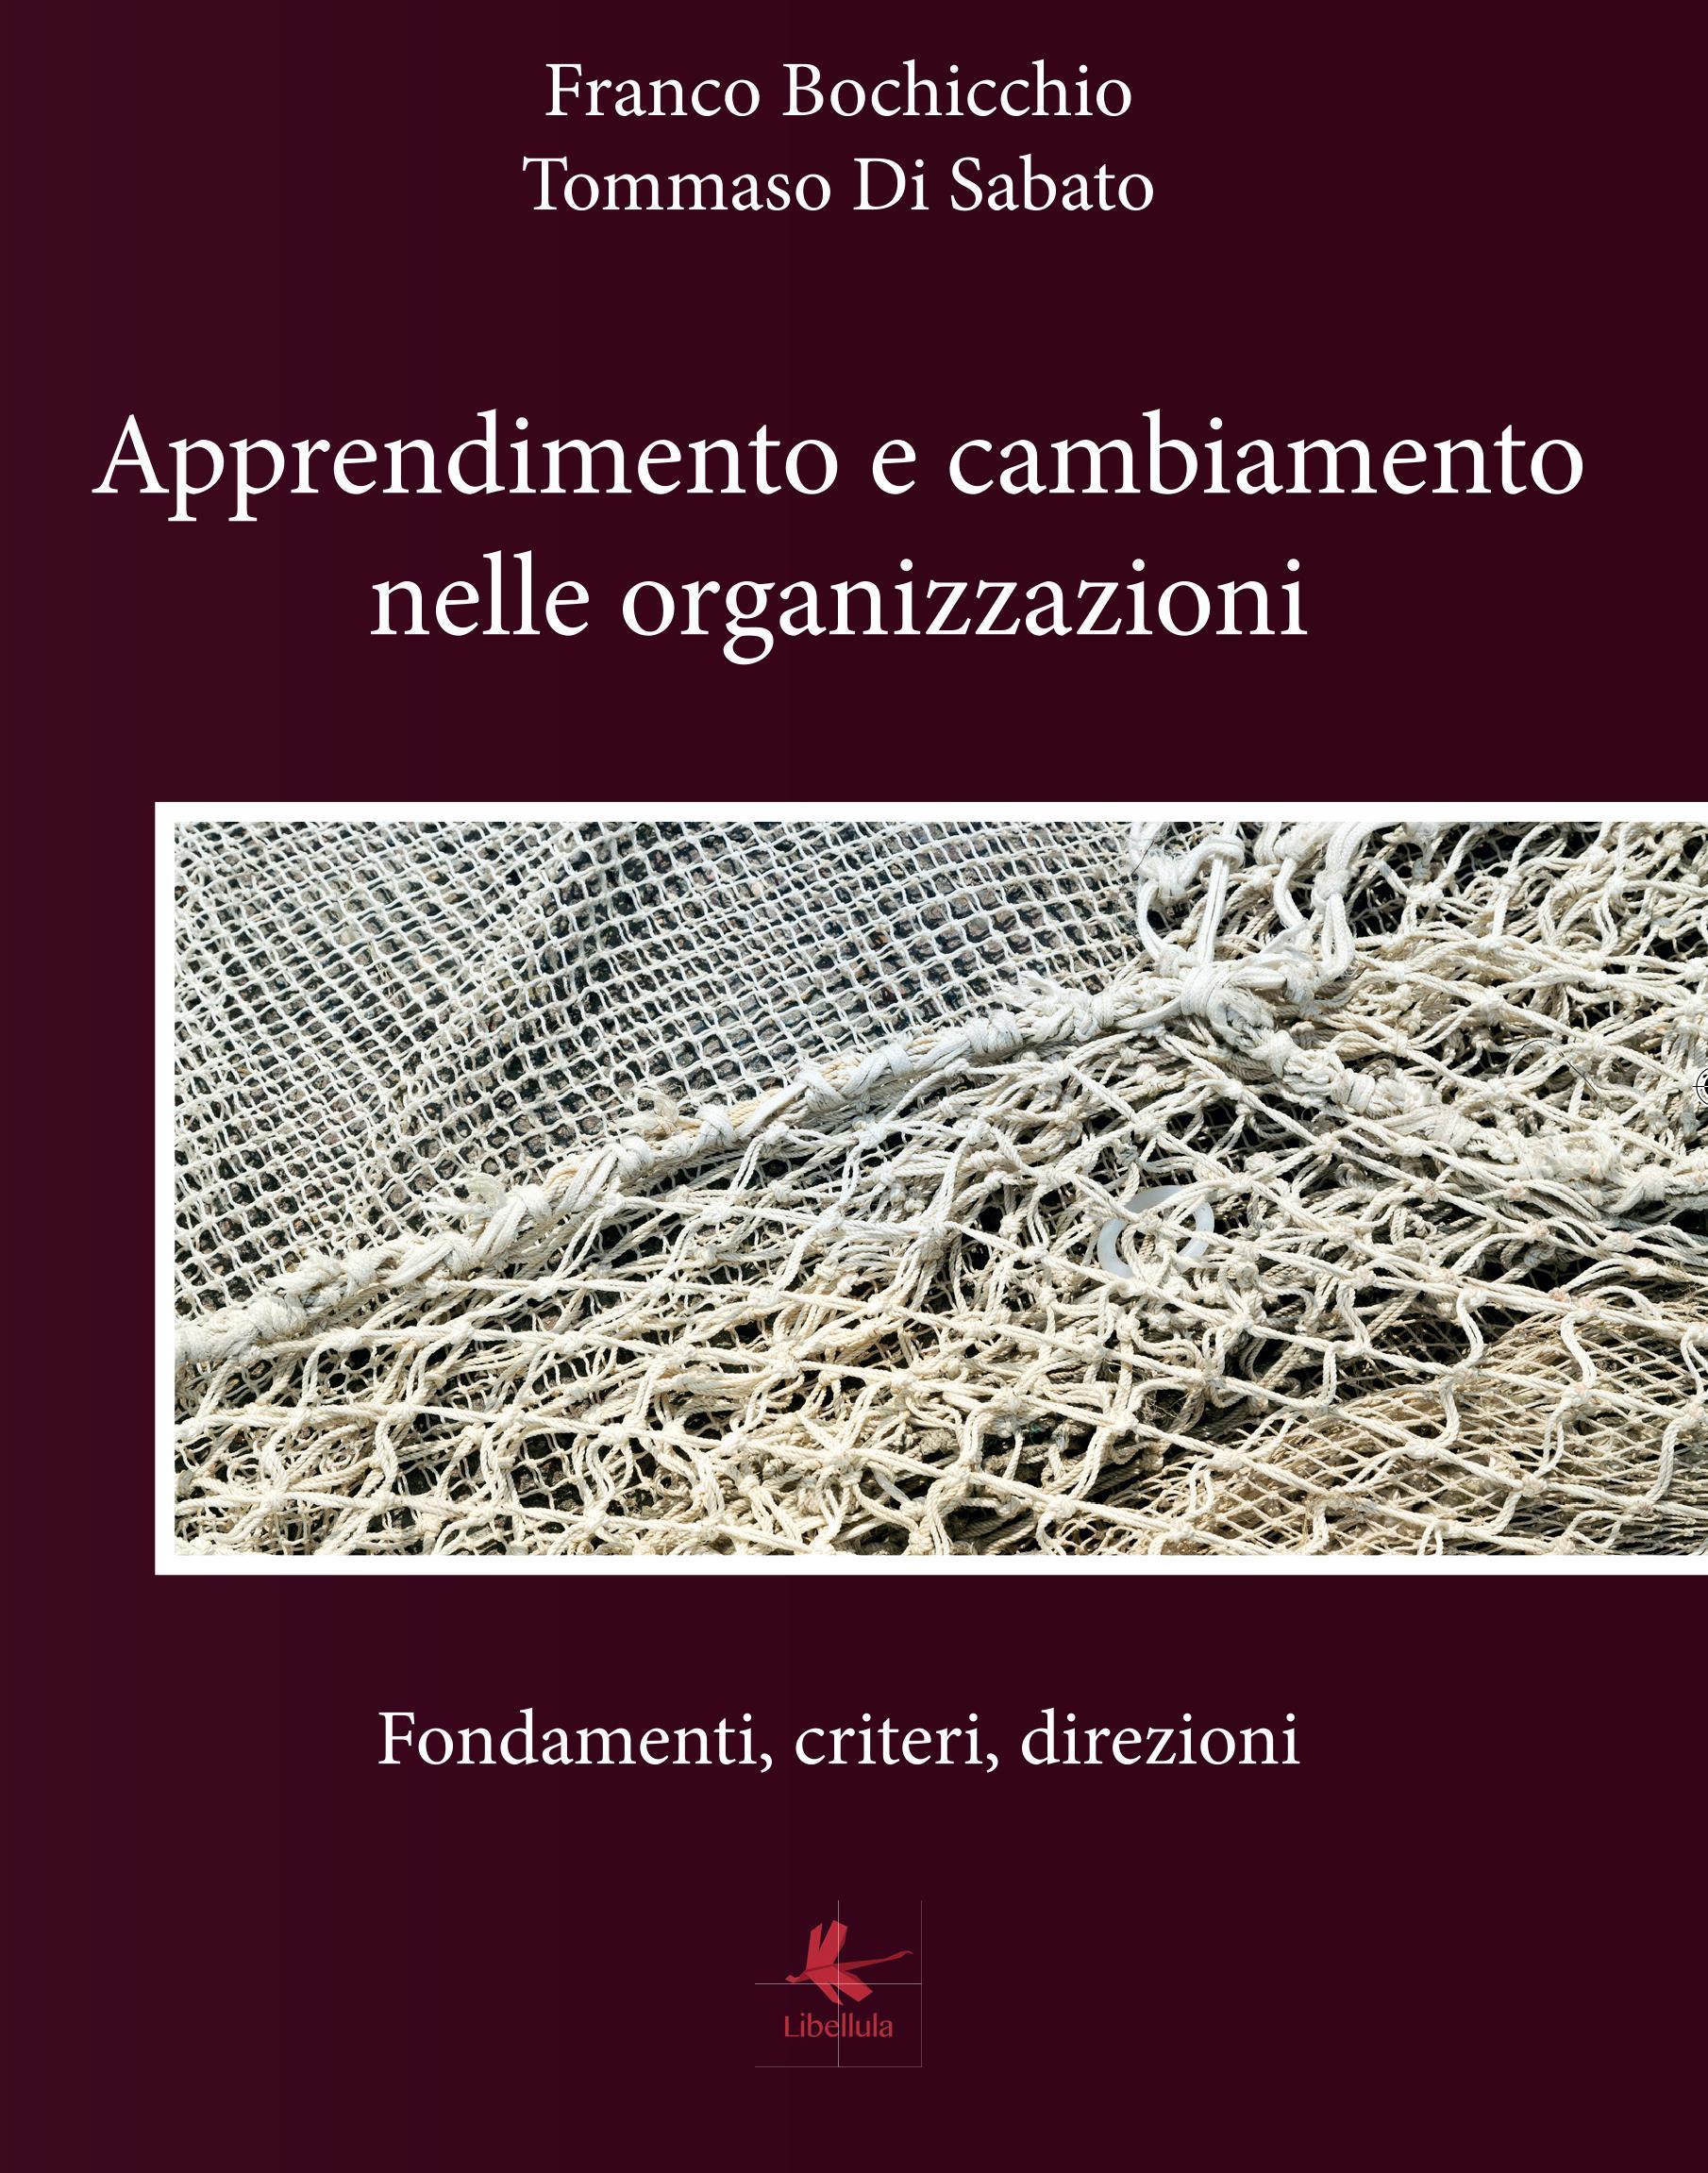 Apprendimento e cambiamento nelle organizzazioni - Fondamenti, criteri, direzioni